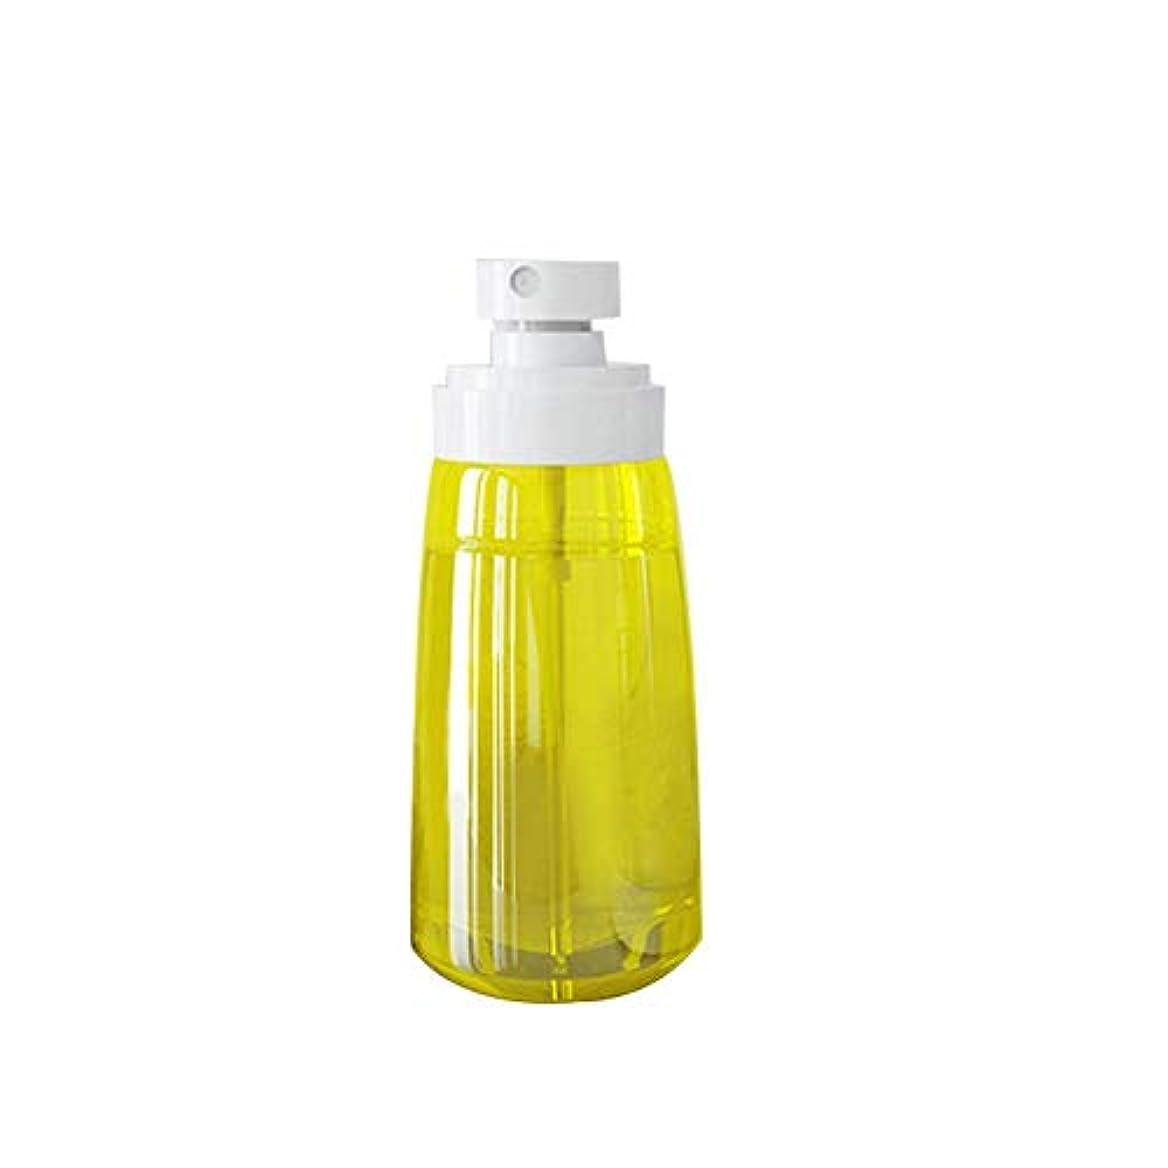 そこ蛇行特定のLUERME スプレーボルト 60ml PET製 化粧水の詰替用 極細のミストを噴霧する 旅行用の霧吹き 小分けの容器 アルコール消毒用 アトマイザー